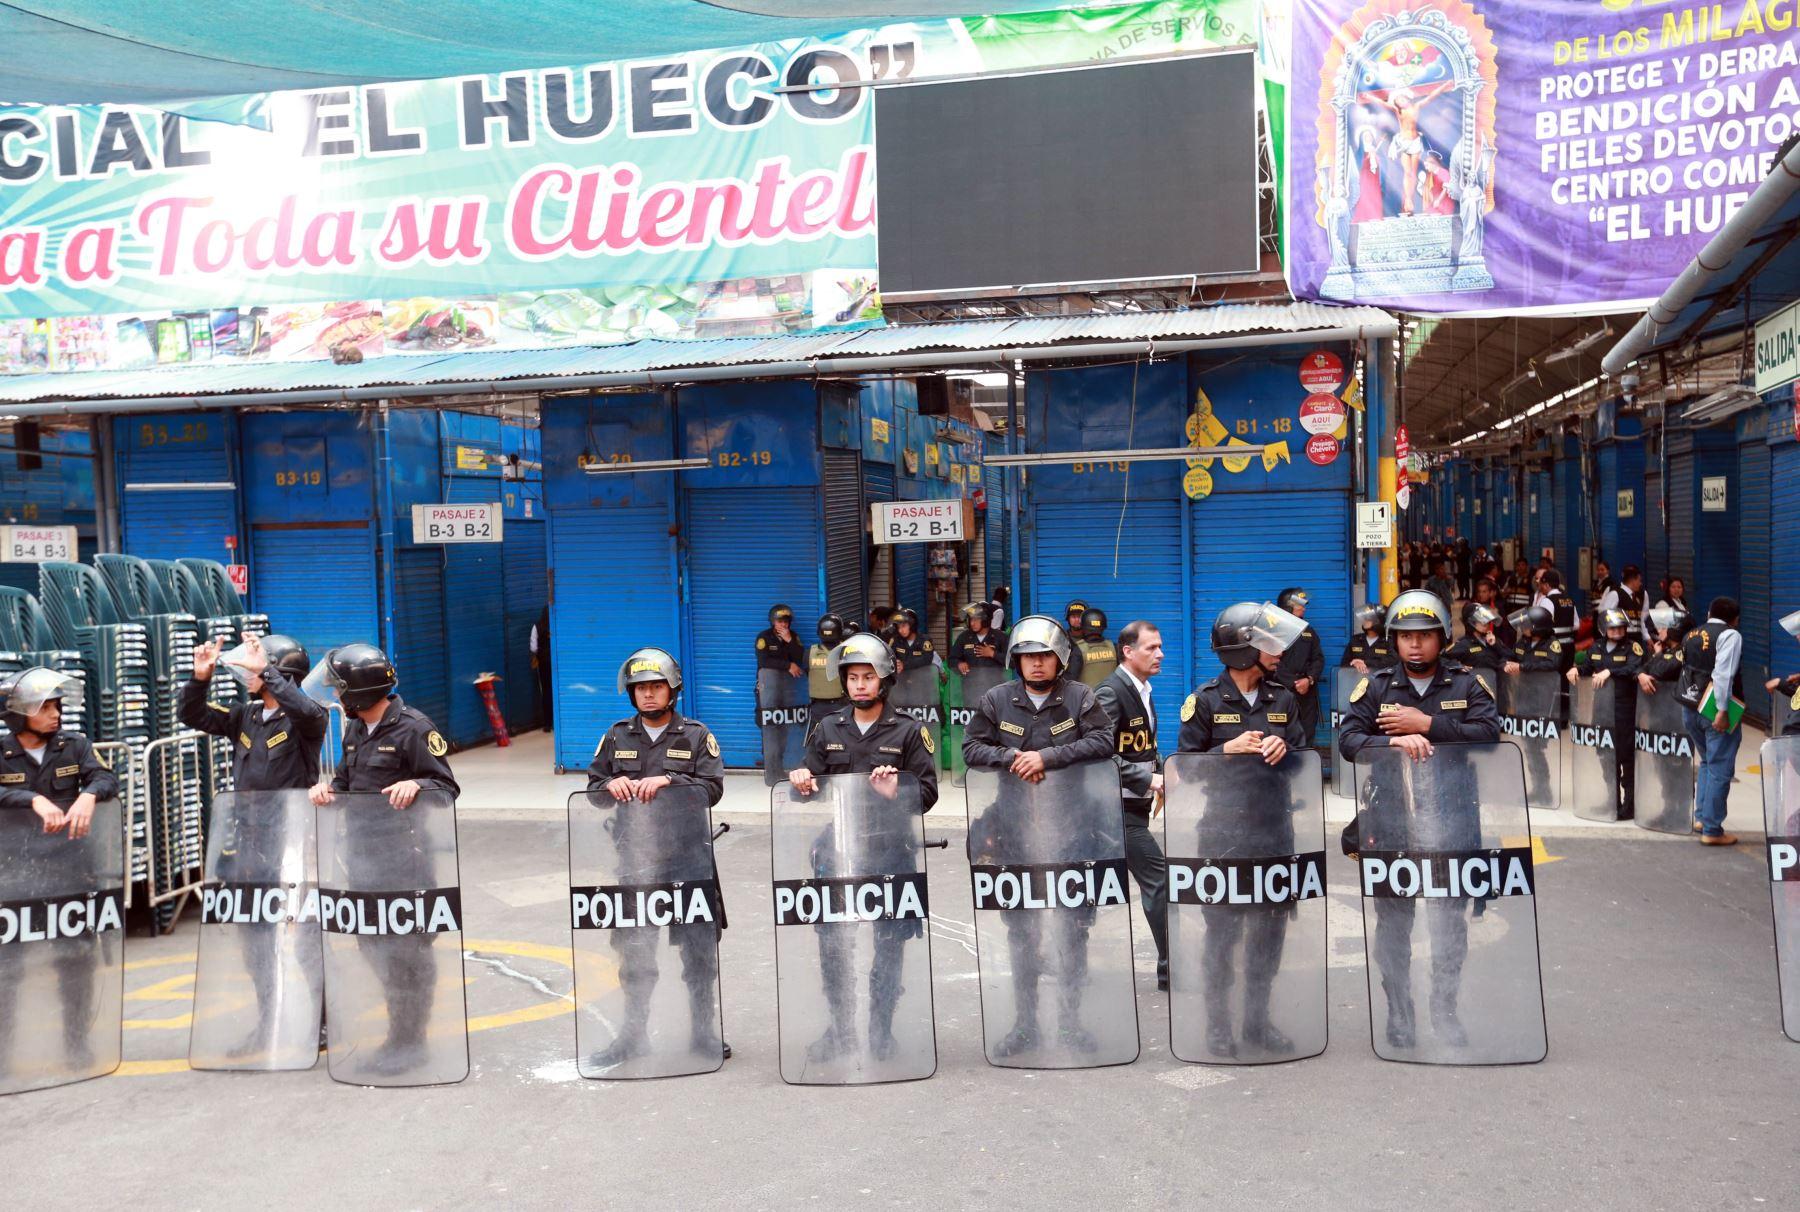 Policía interviene 373 puestos con mercadería ilegal en centro comercial — El Hueco